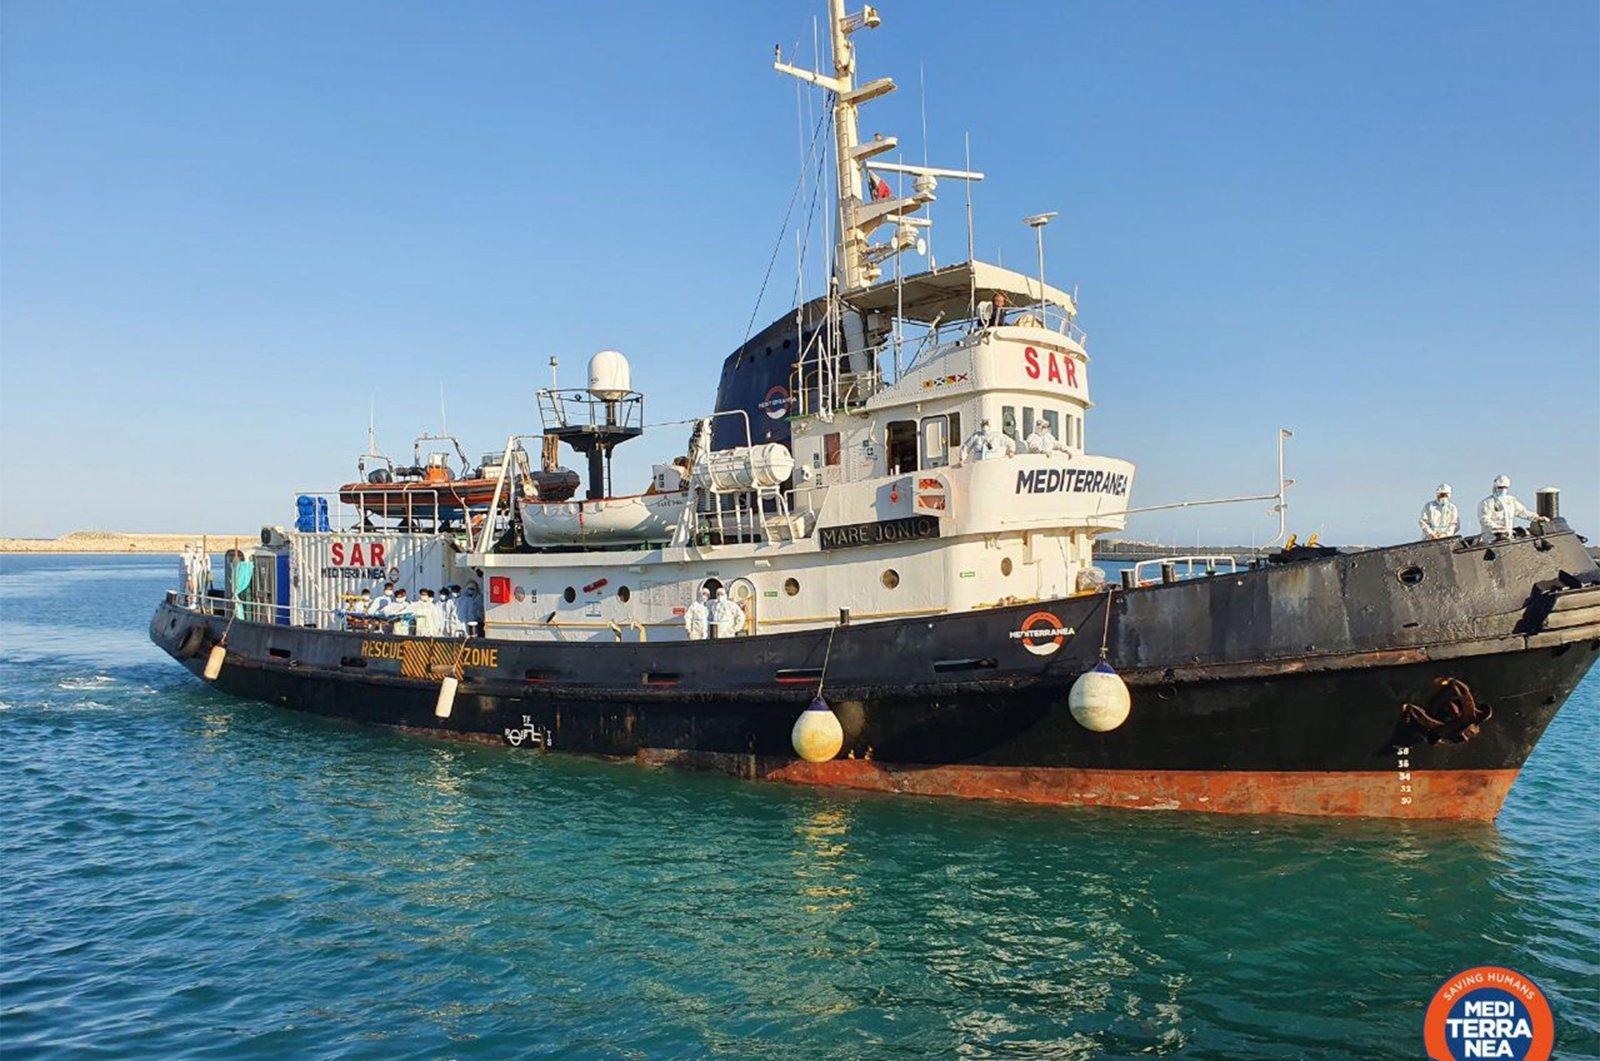 The leftist Italian charity Mediterranea's rescue vessel Mare Ionio transports migrants on board as it arrives to berth in Pozzallo, southern Sicily, June 20, 2020. (AFP Photo/ Mediterranea/ Handout)